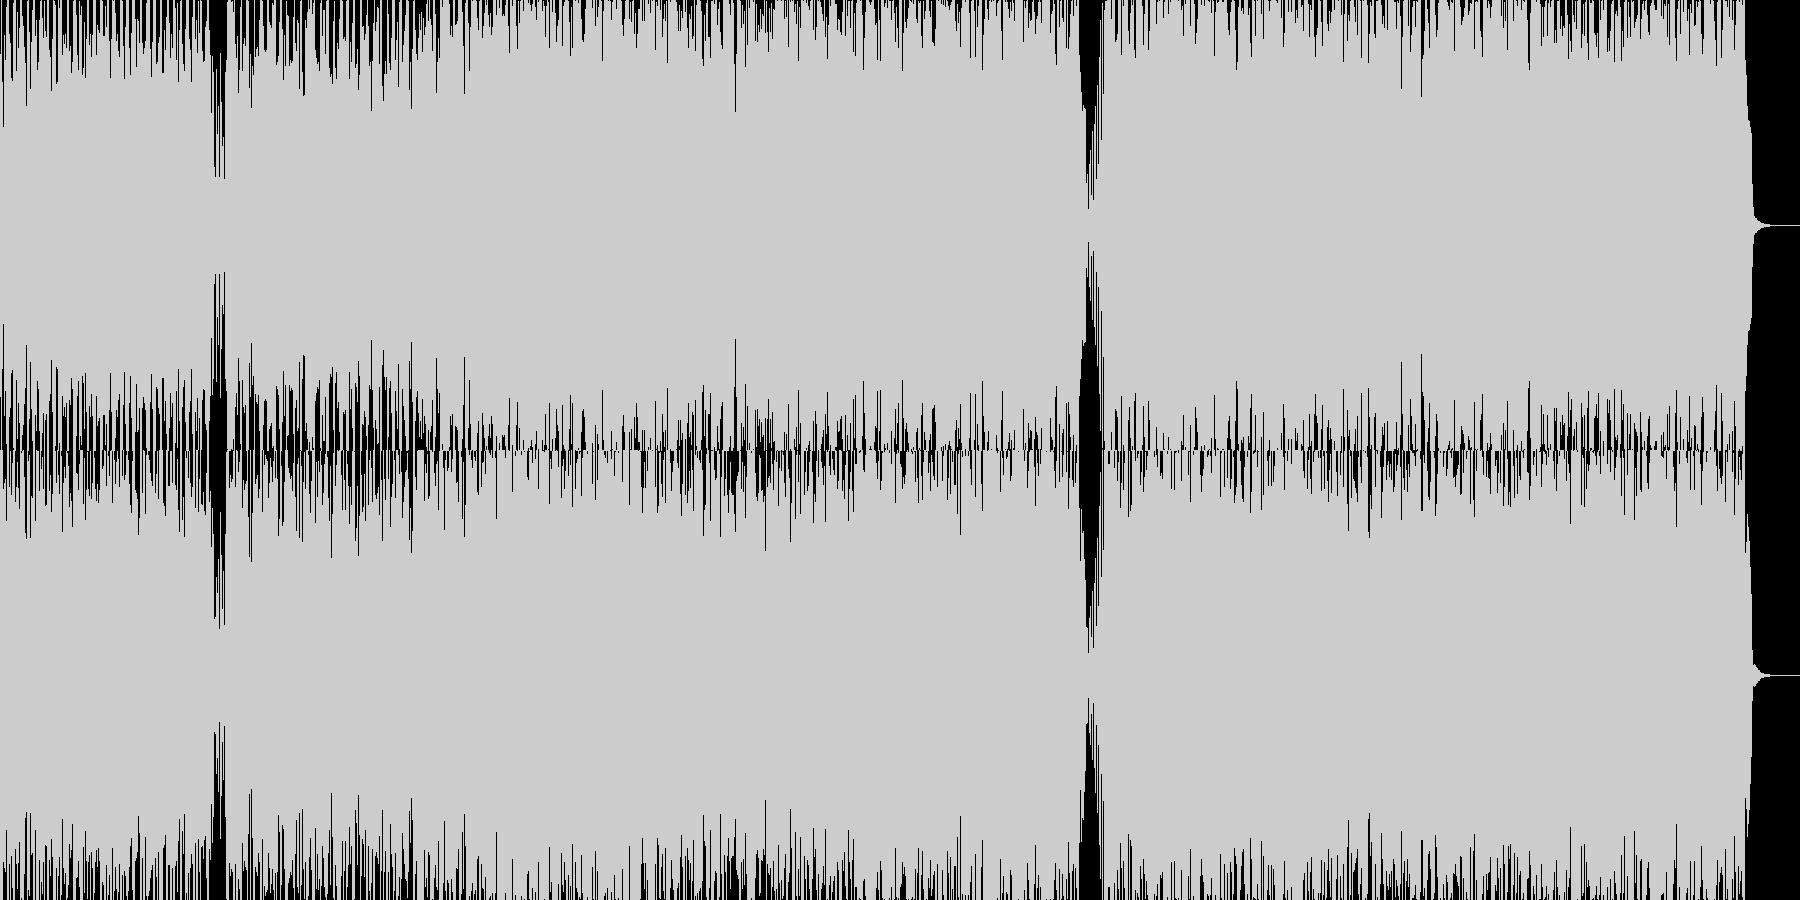 サスペンス・シリアス系BGMの未再生の波形